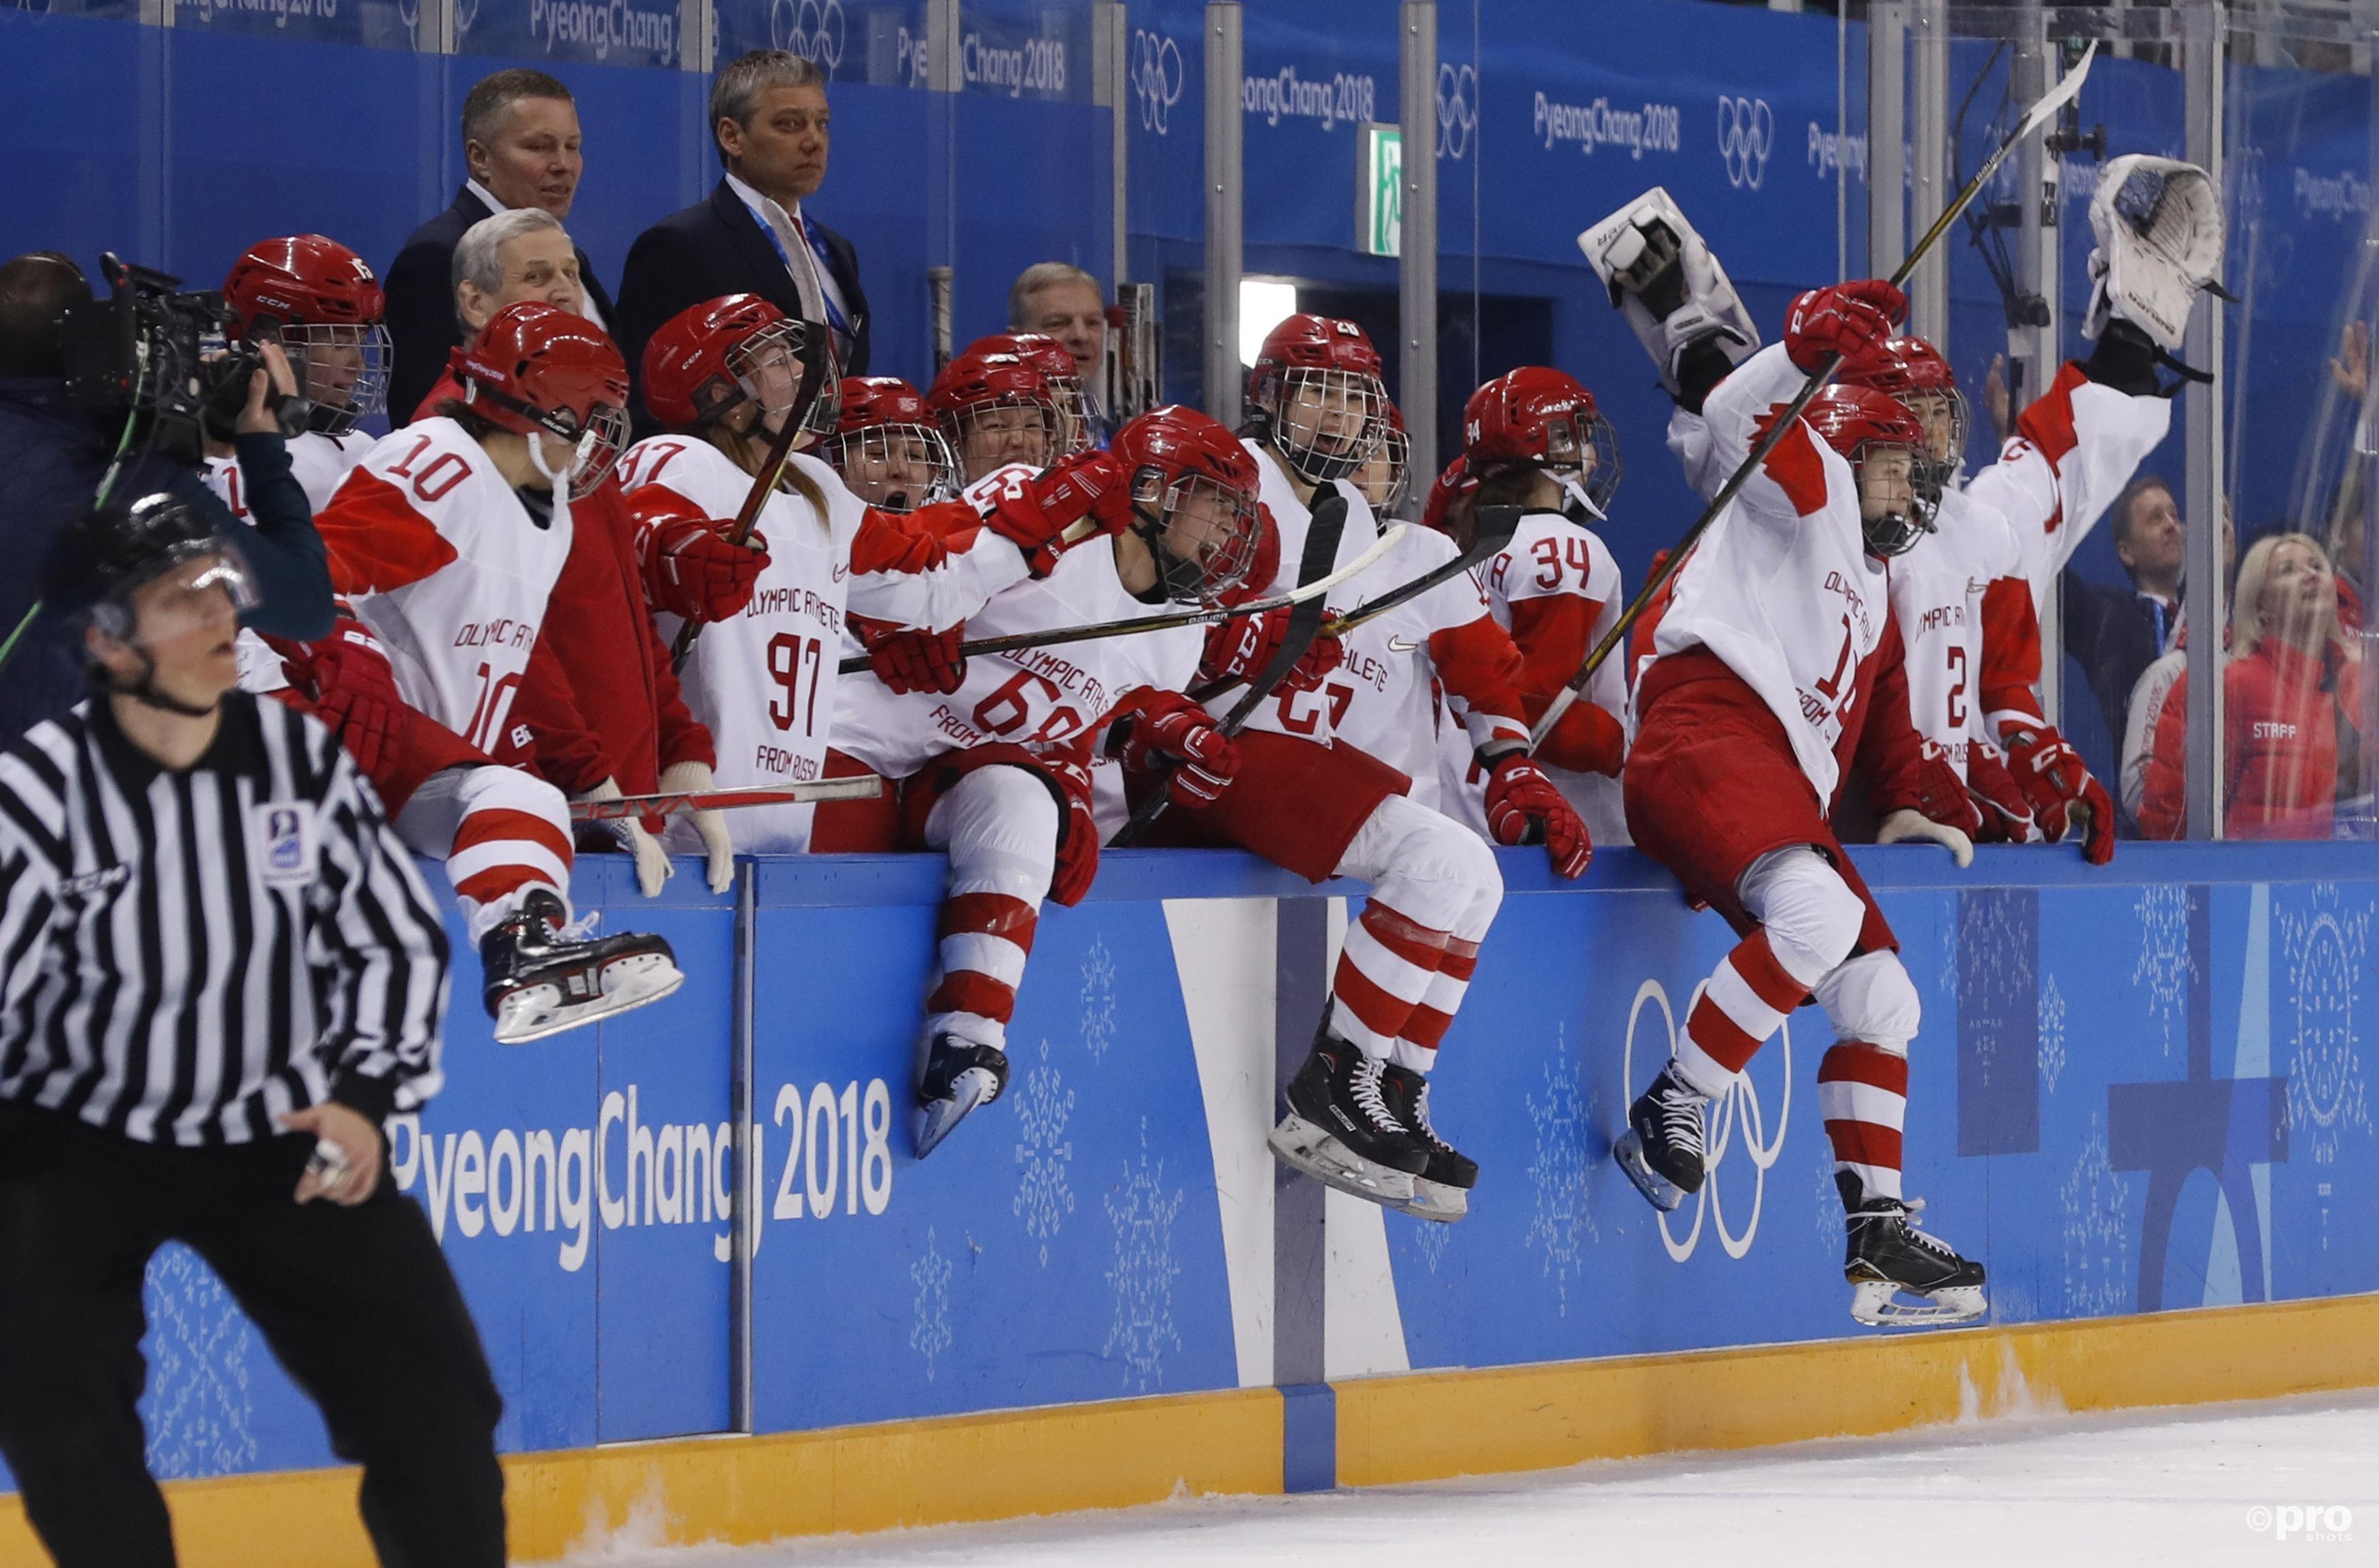 De Russische speelsters vieren feest na het bereiken van de halve finales (Pro Shots/Action Images)